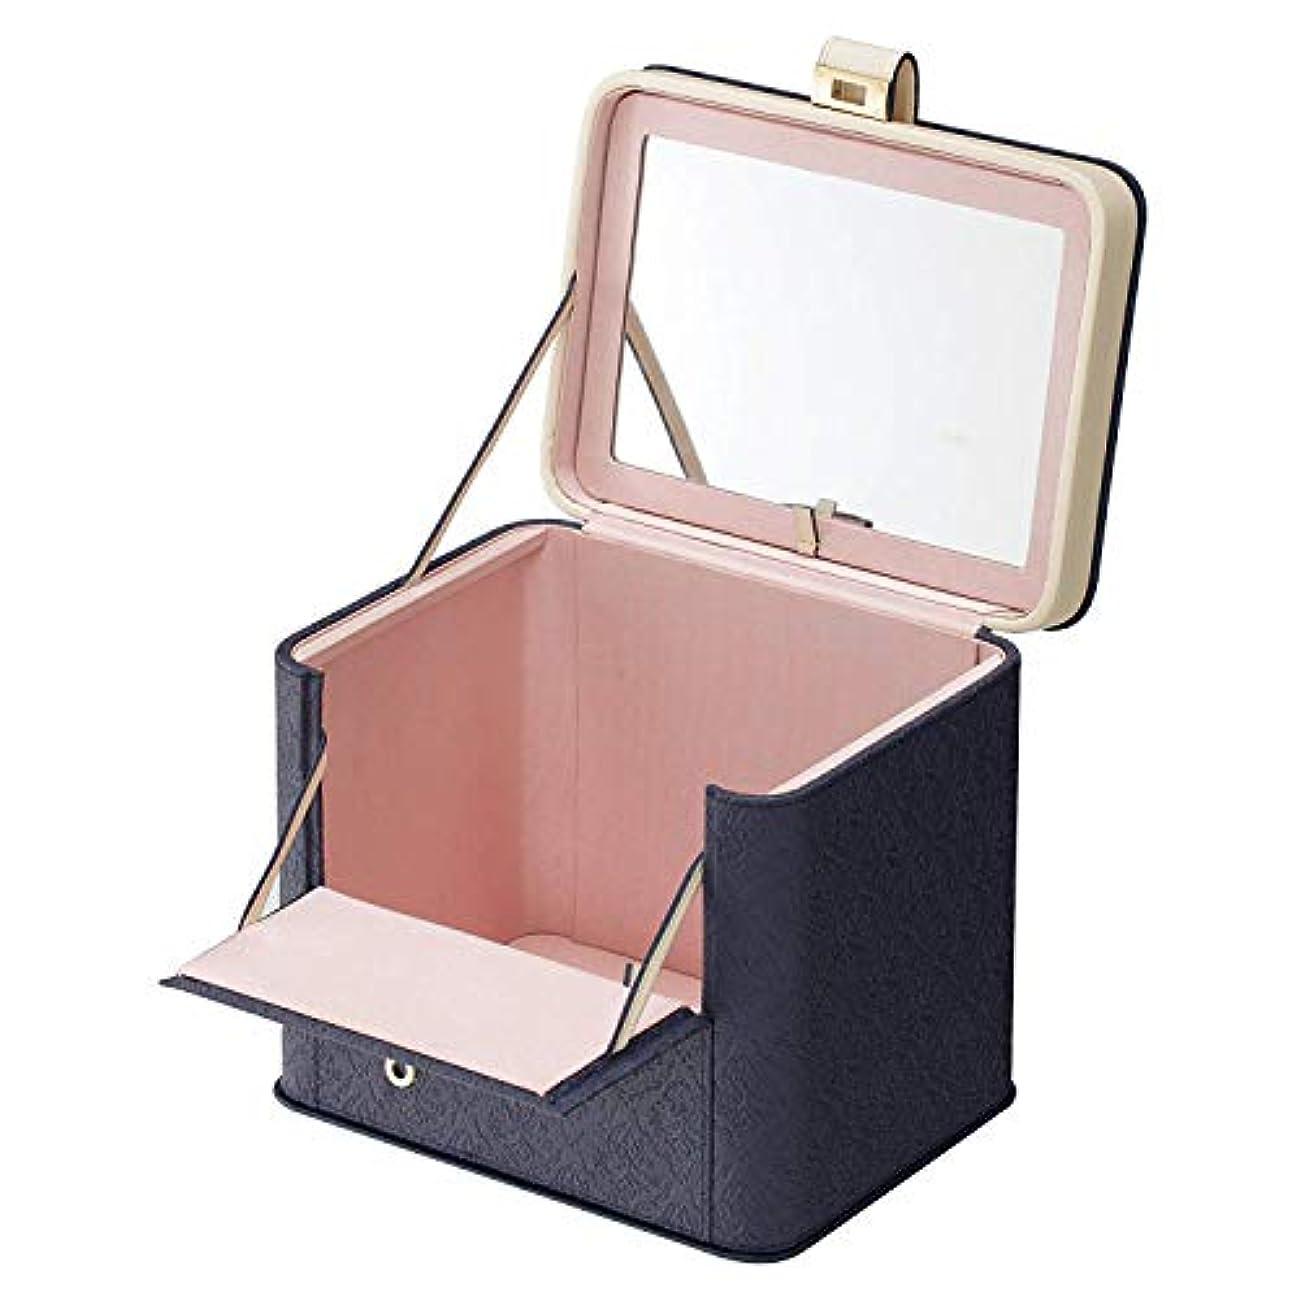 奇跡食い違い線カスタマイズでき メイクボックス アラベスク レギュ 化粧箱 ラー ロイヤルネイビー